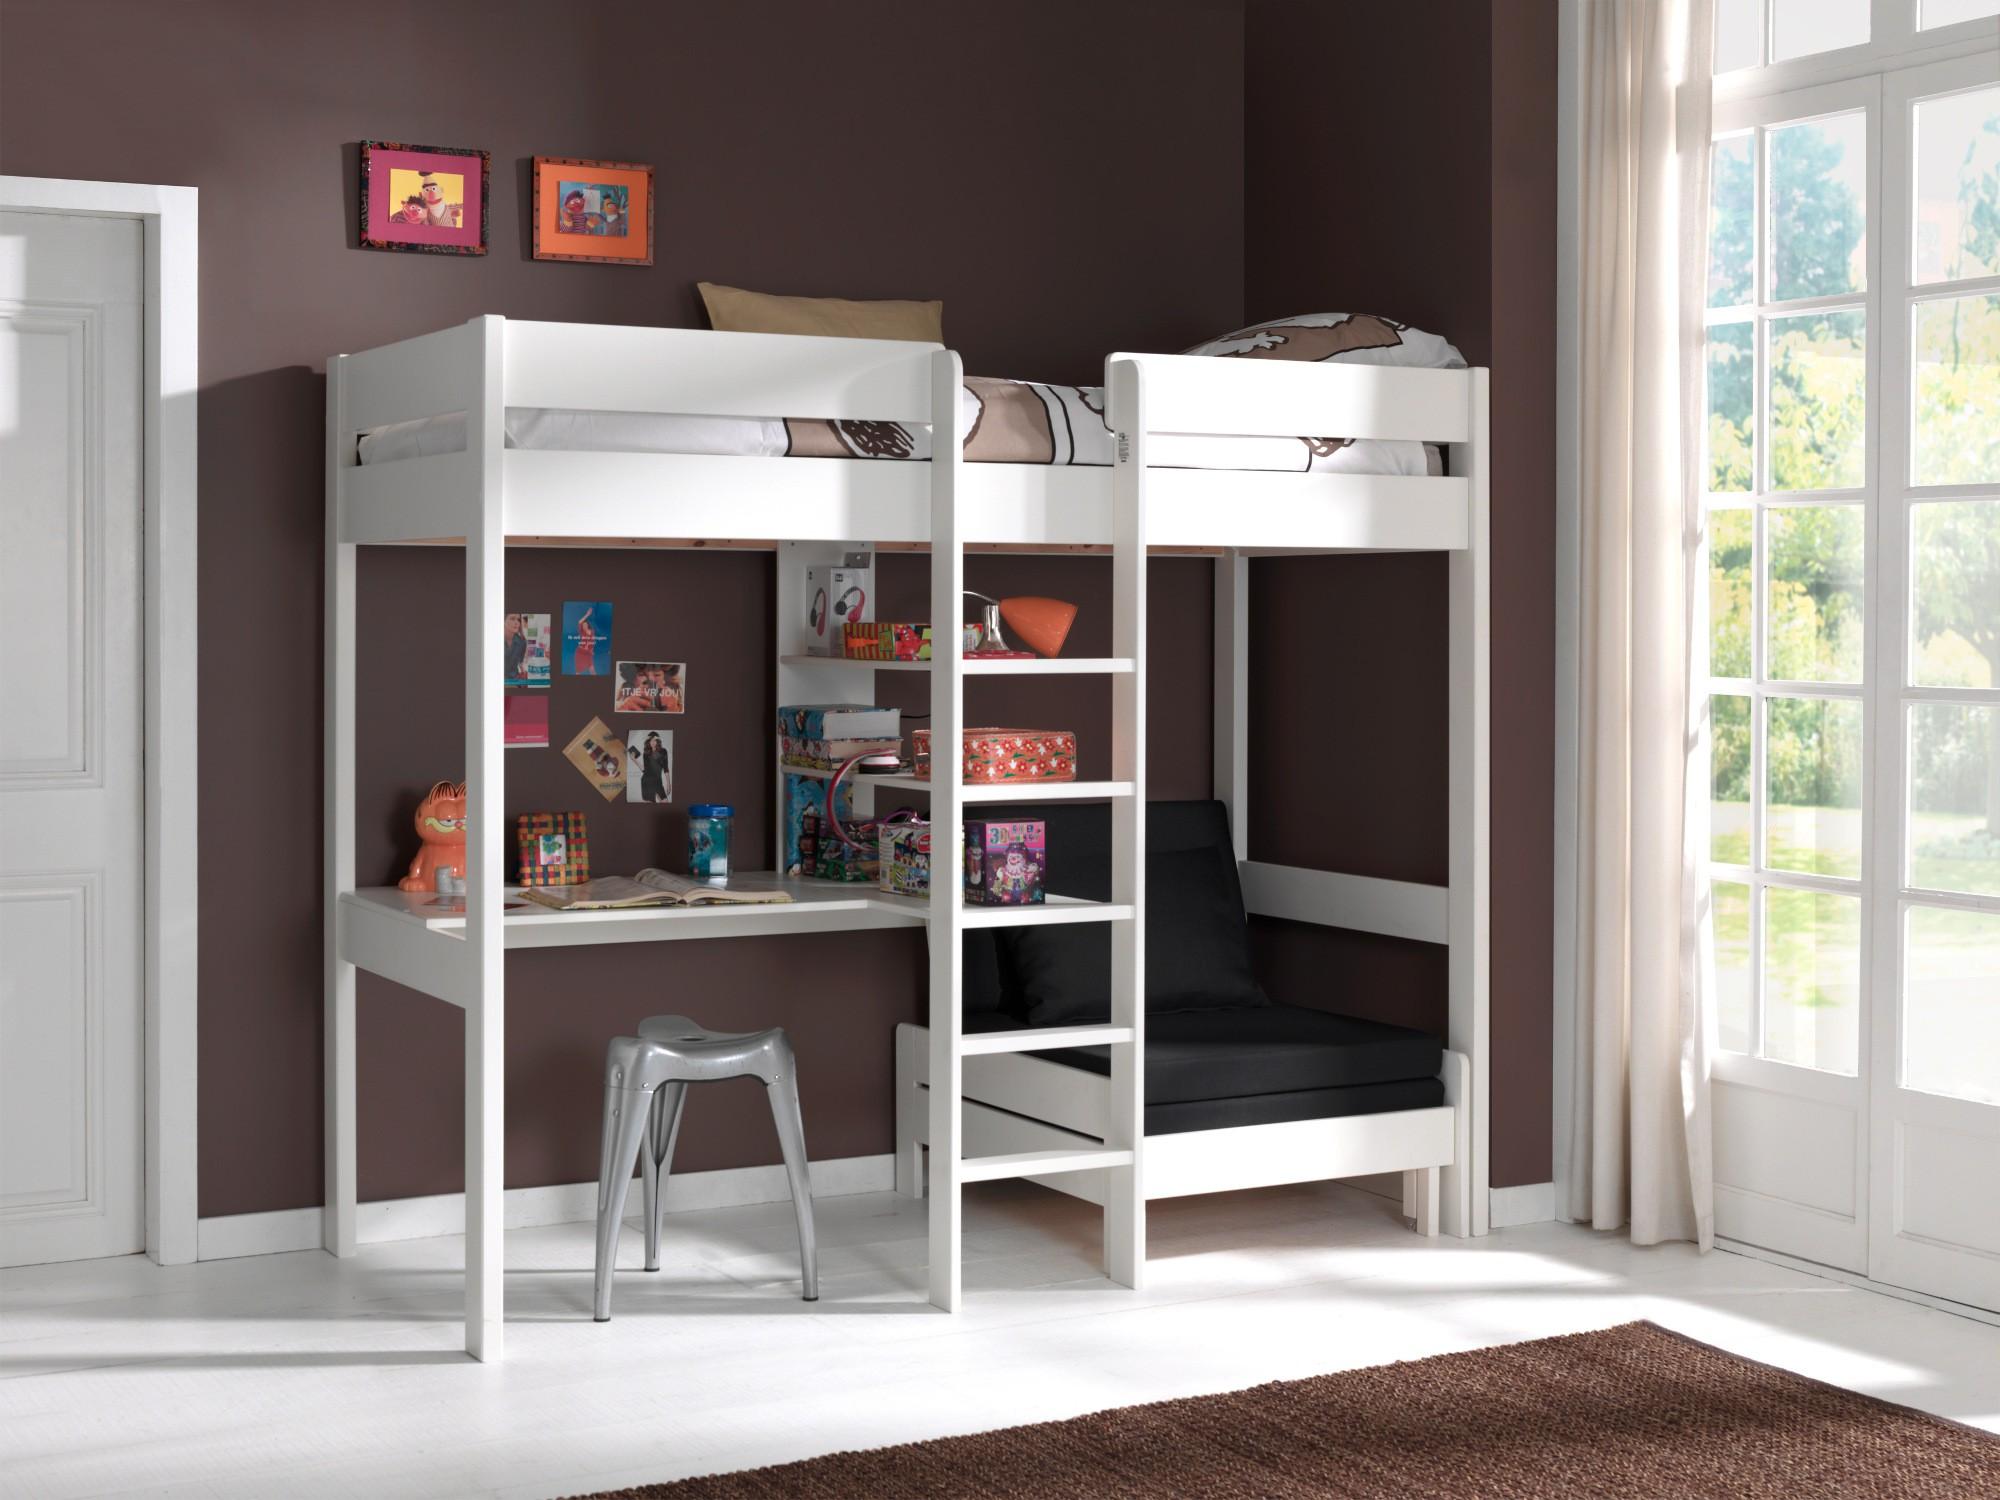 Multifunktions Hochbett hochbett pino mit schlafsessel und schreibplatte liegefläche 90 x